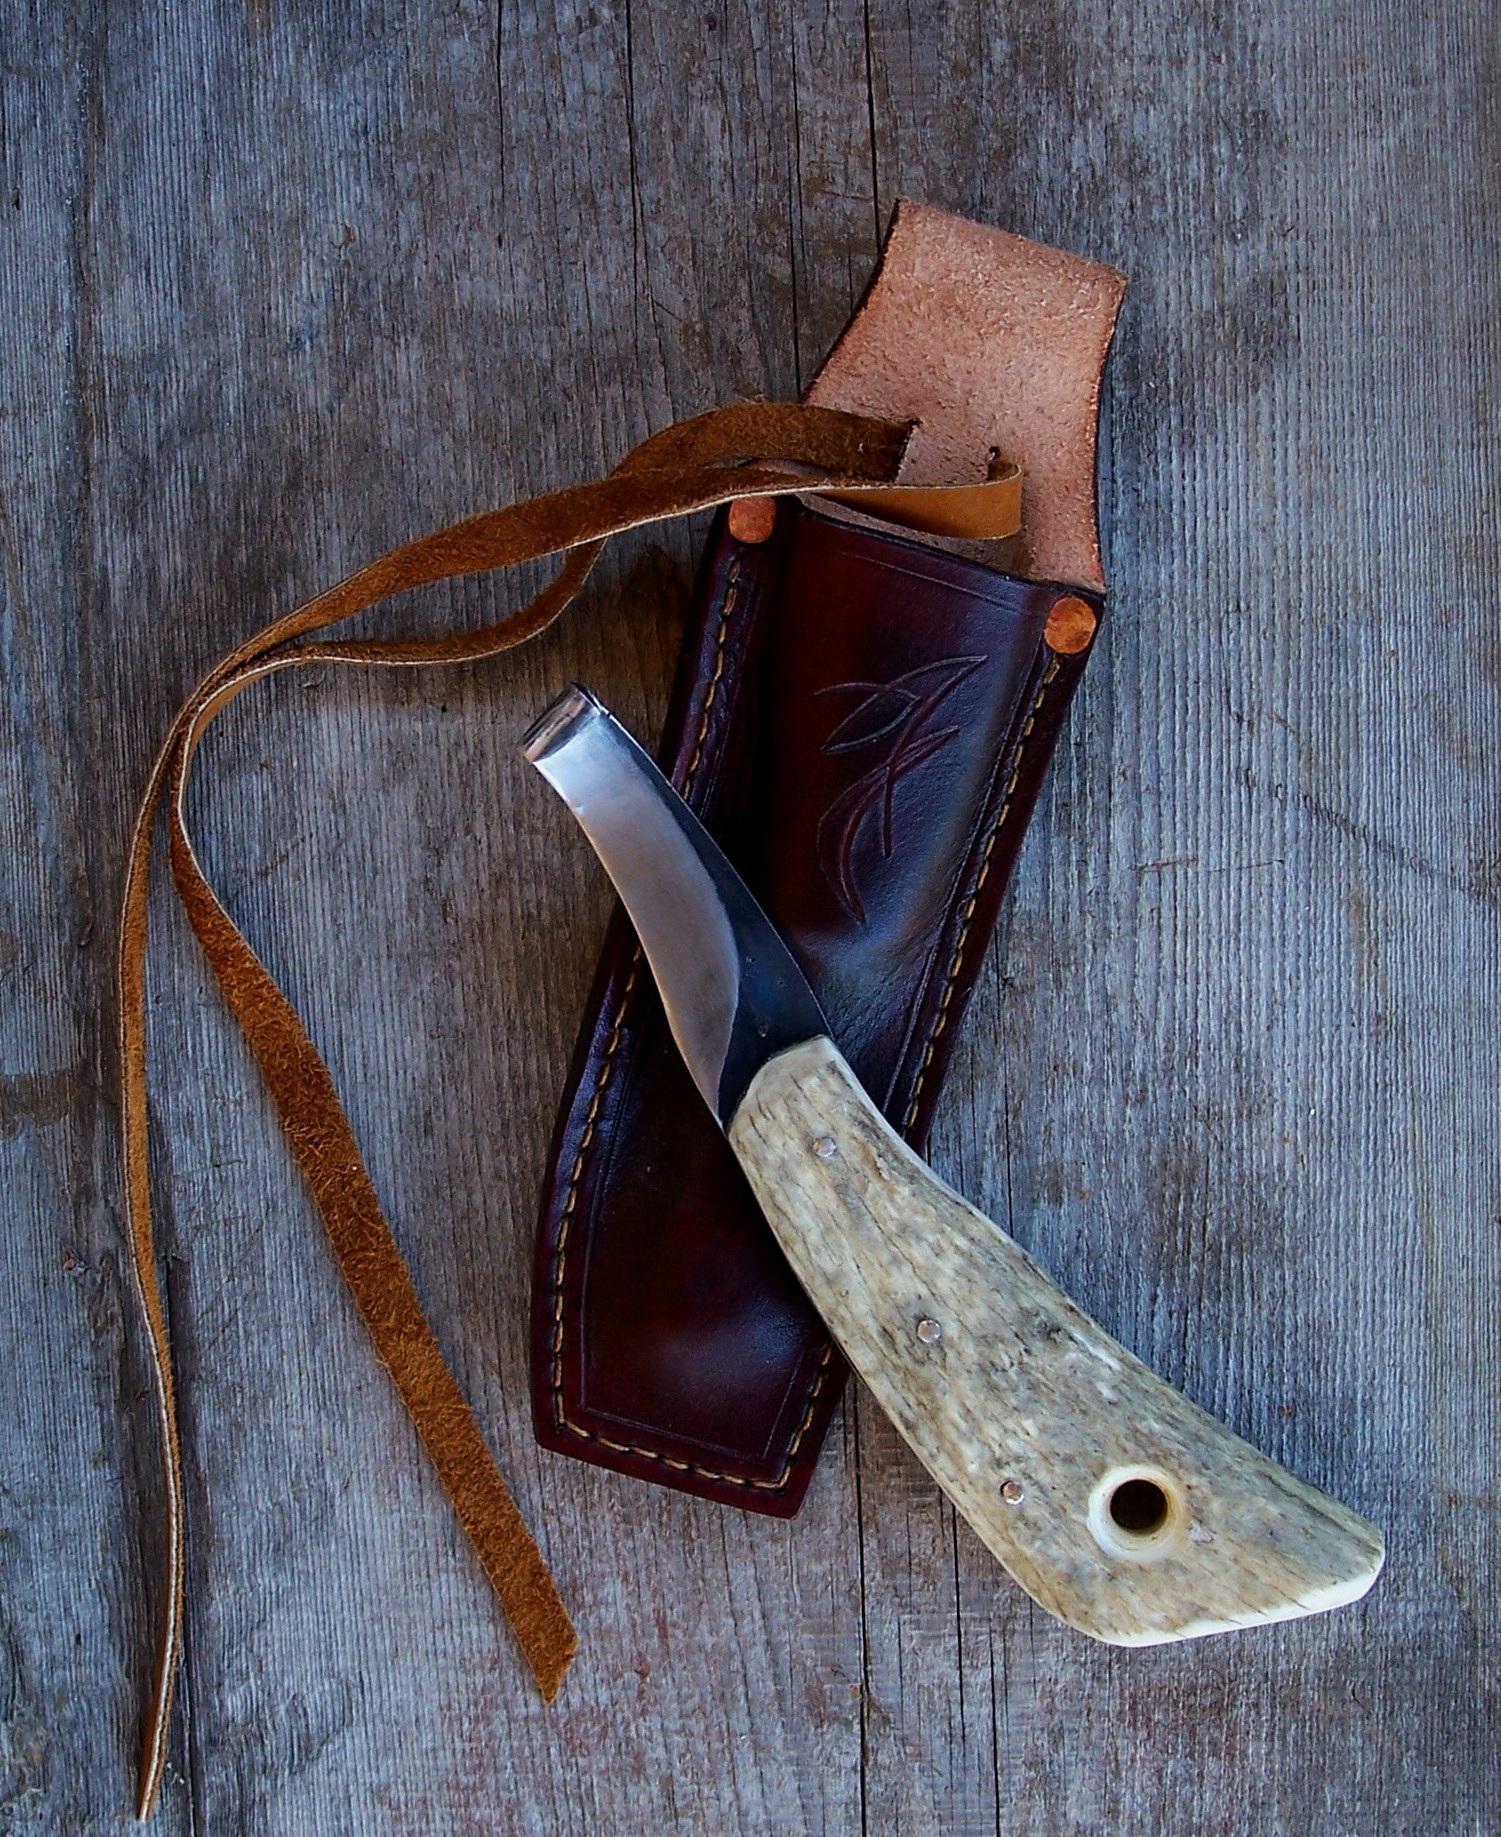 Horse Shoeing Knife